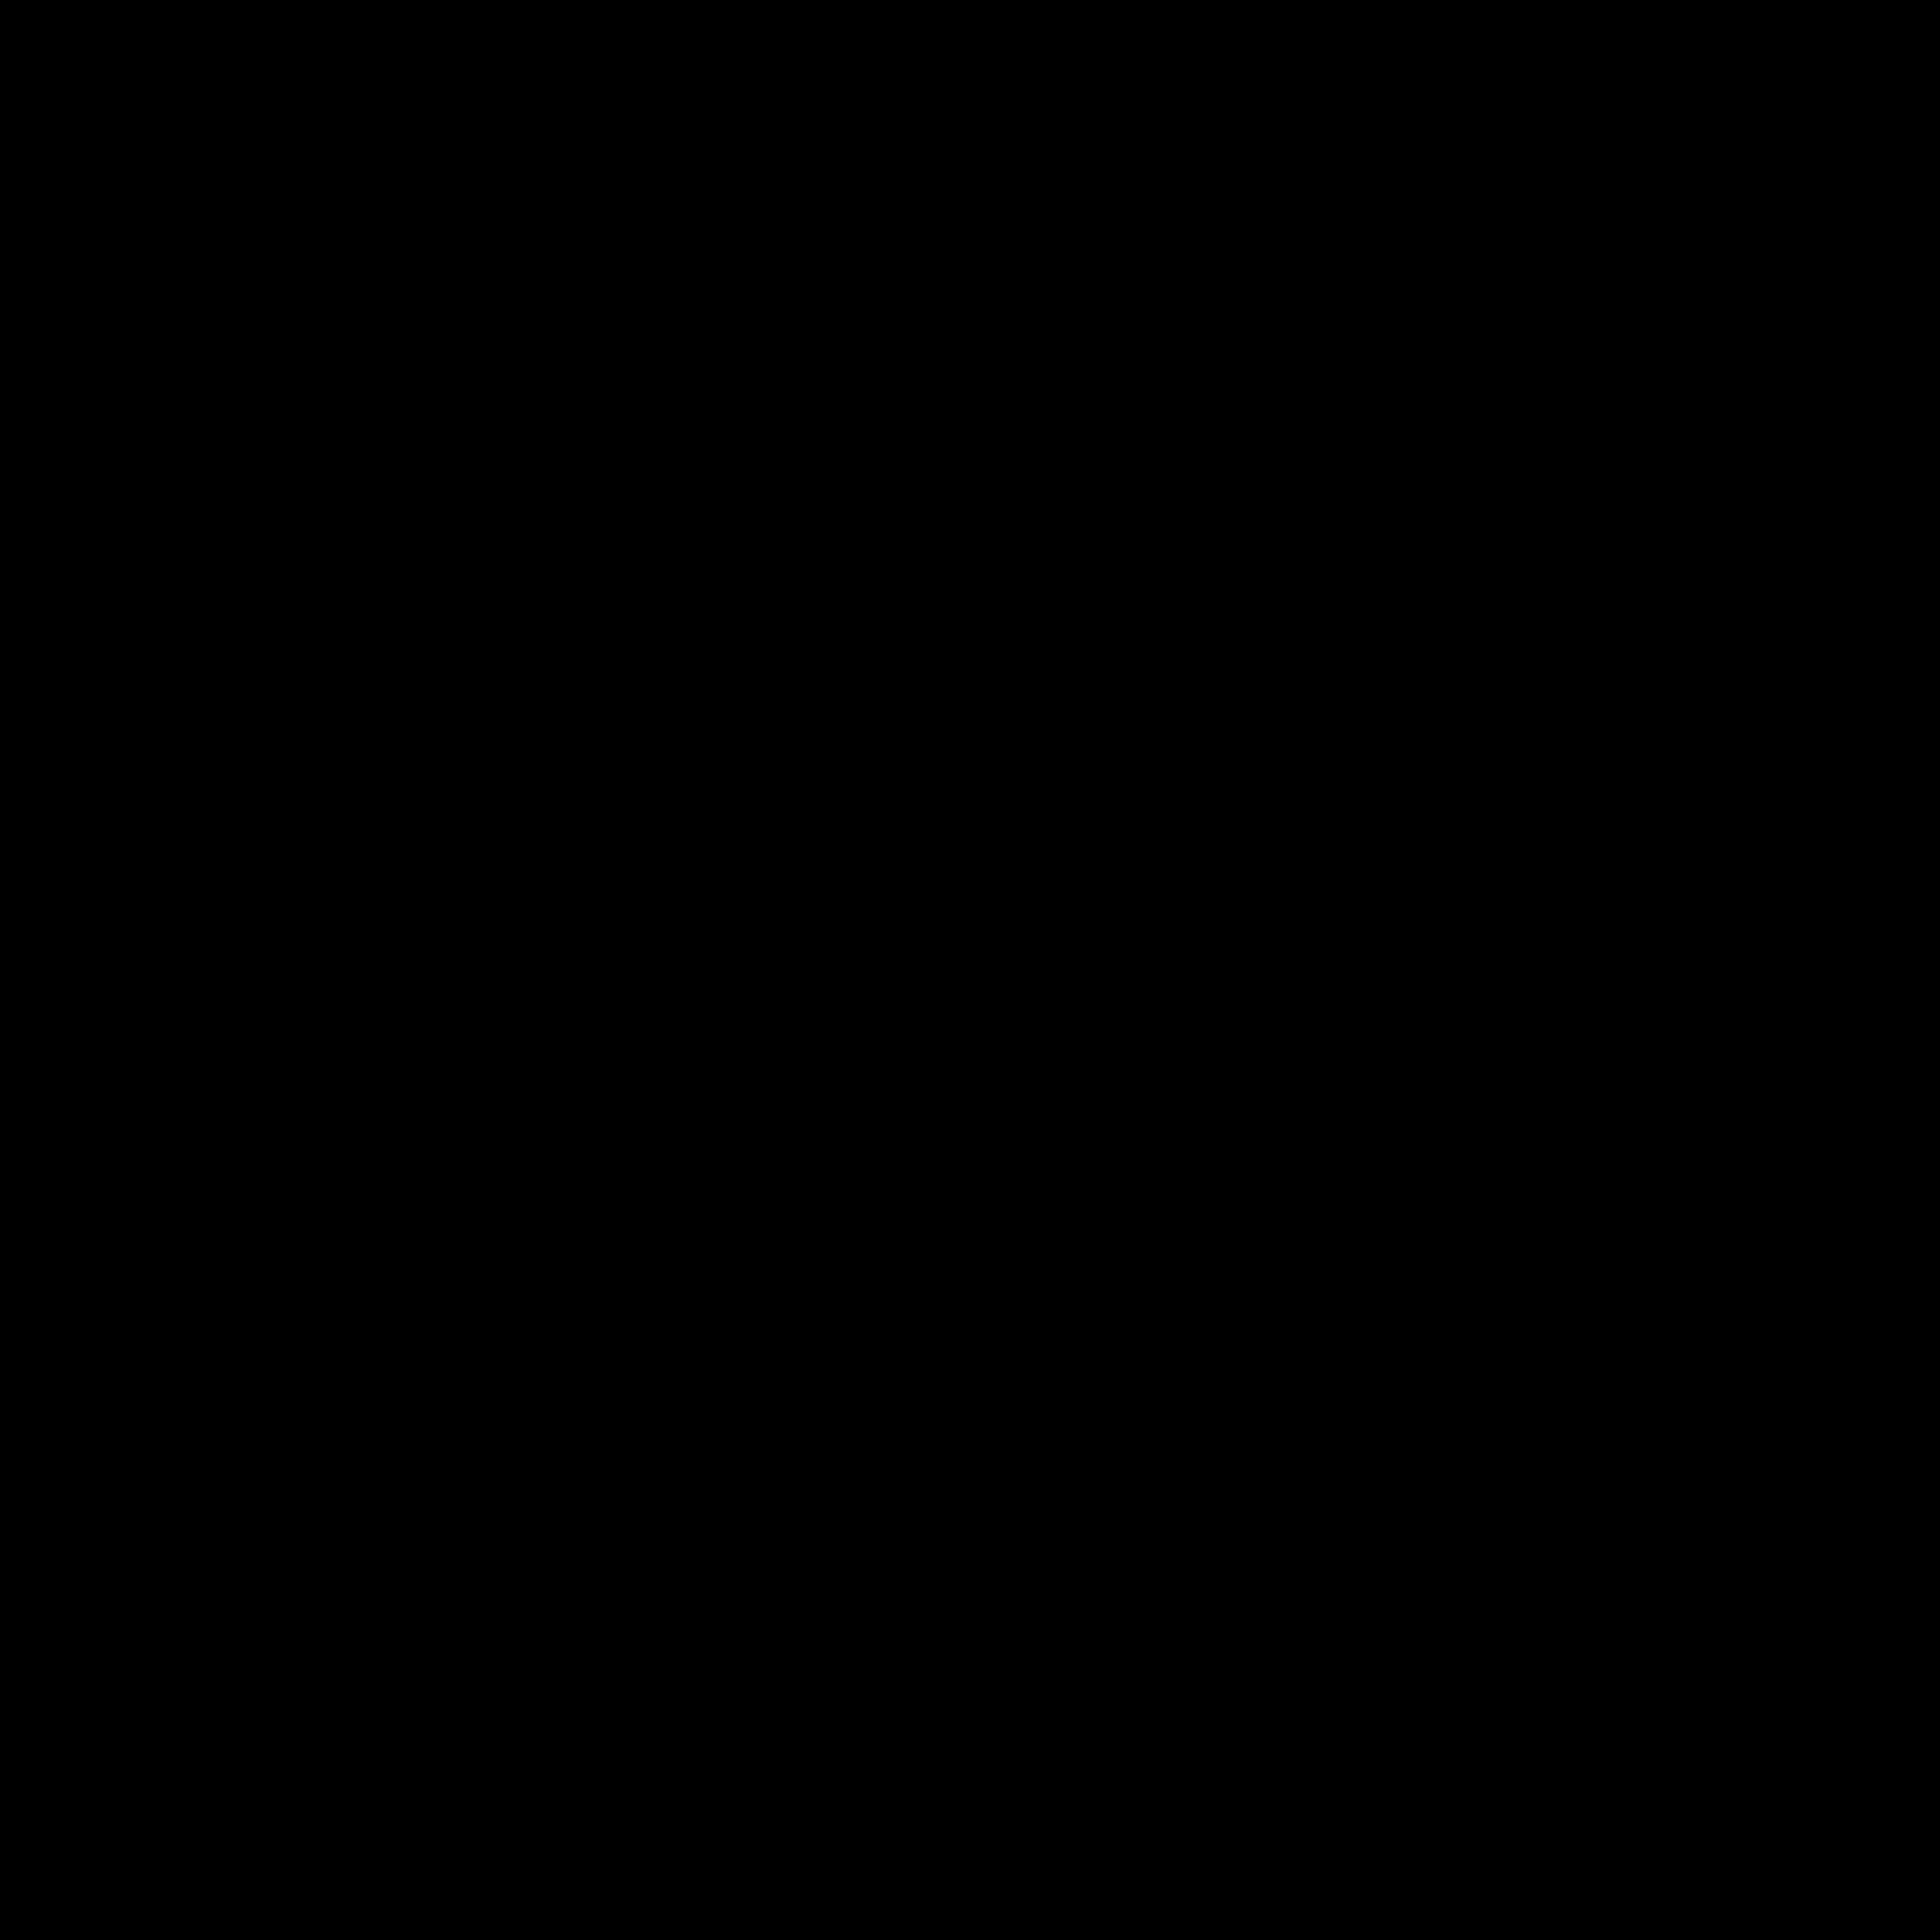 bloomberg logo 0 - Bloomberg Logo